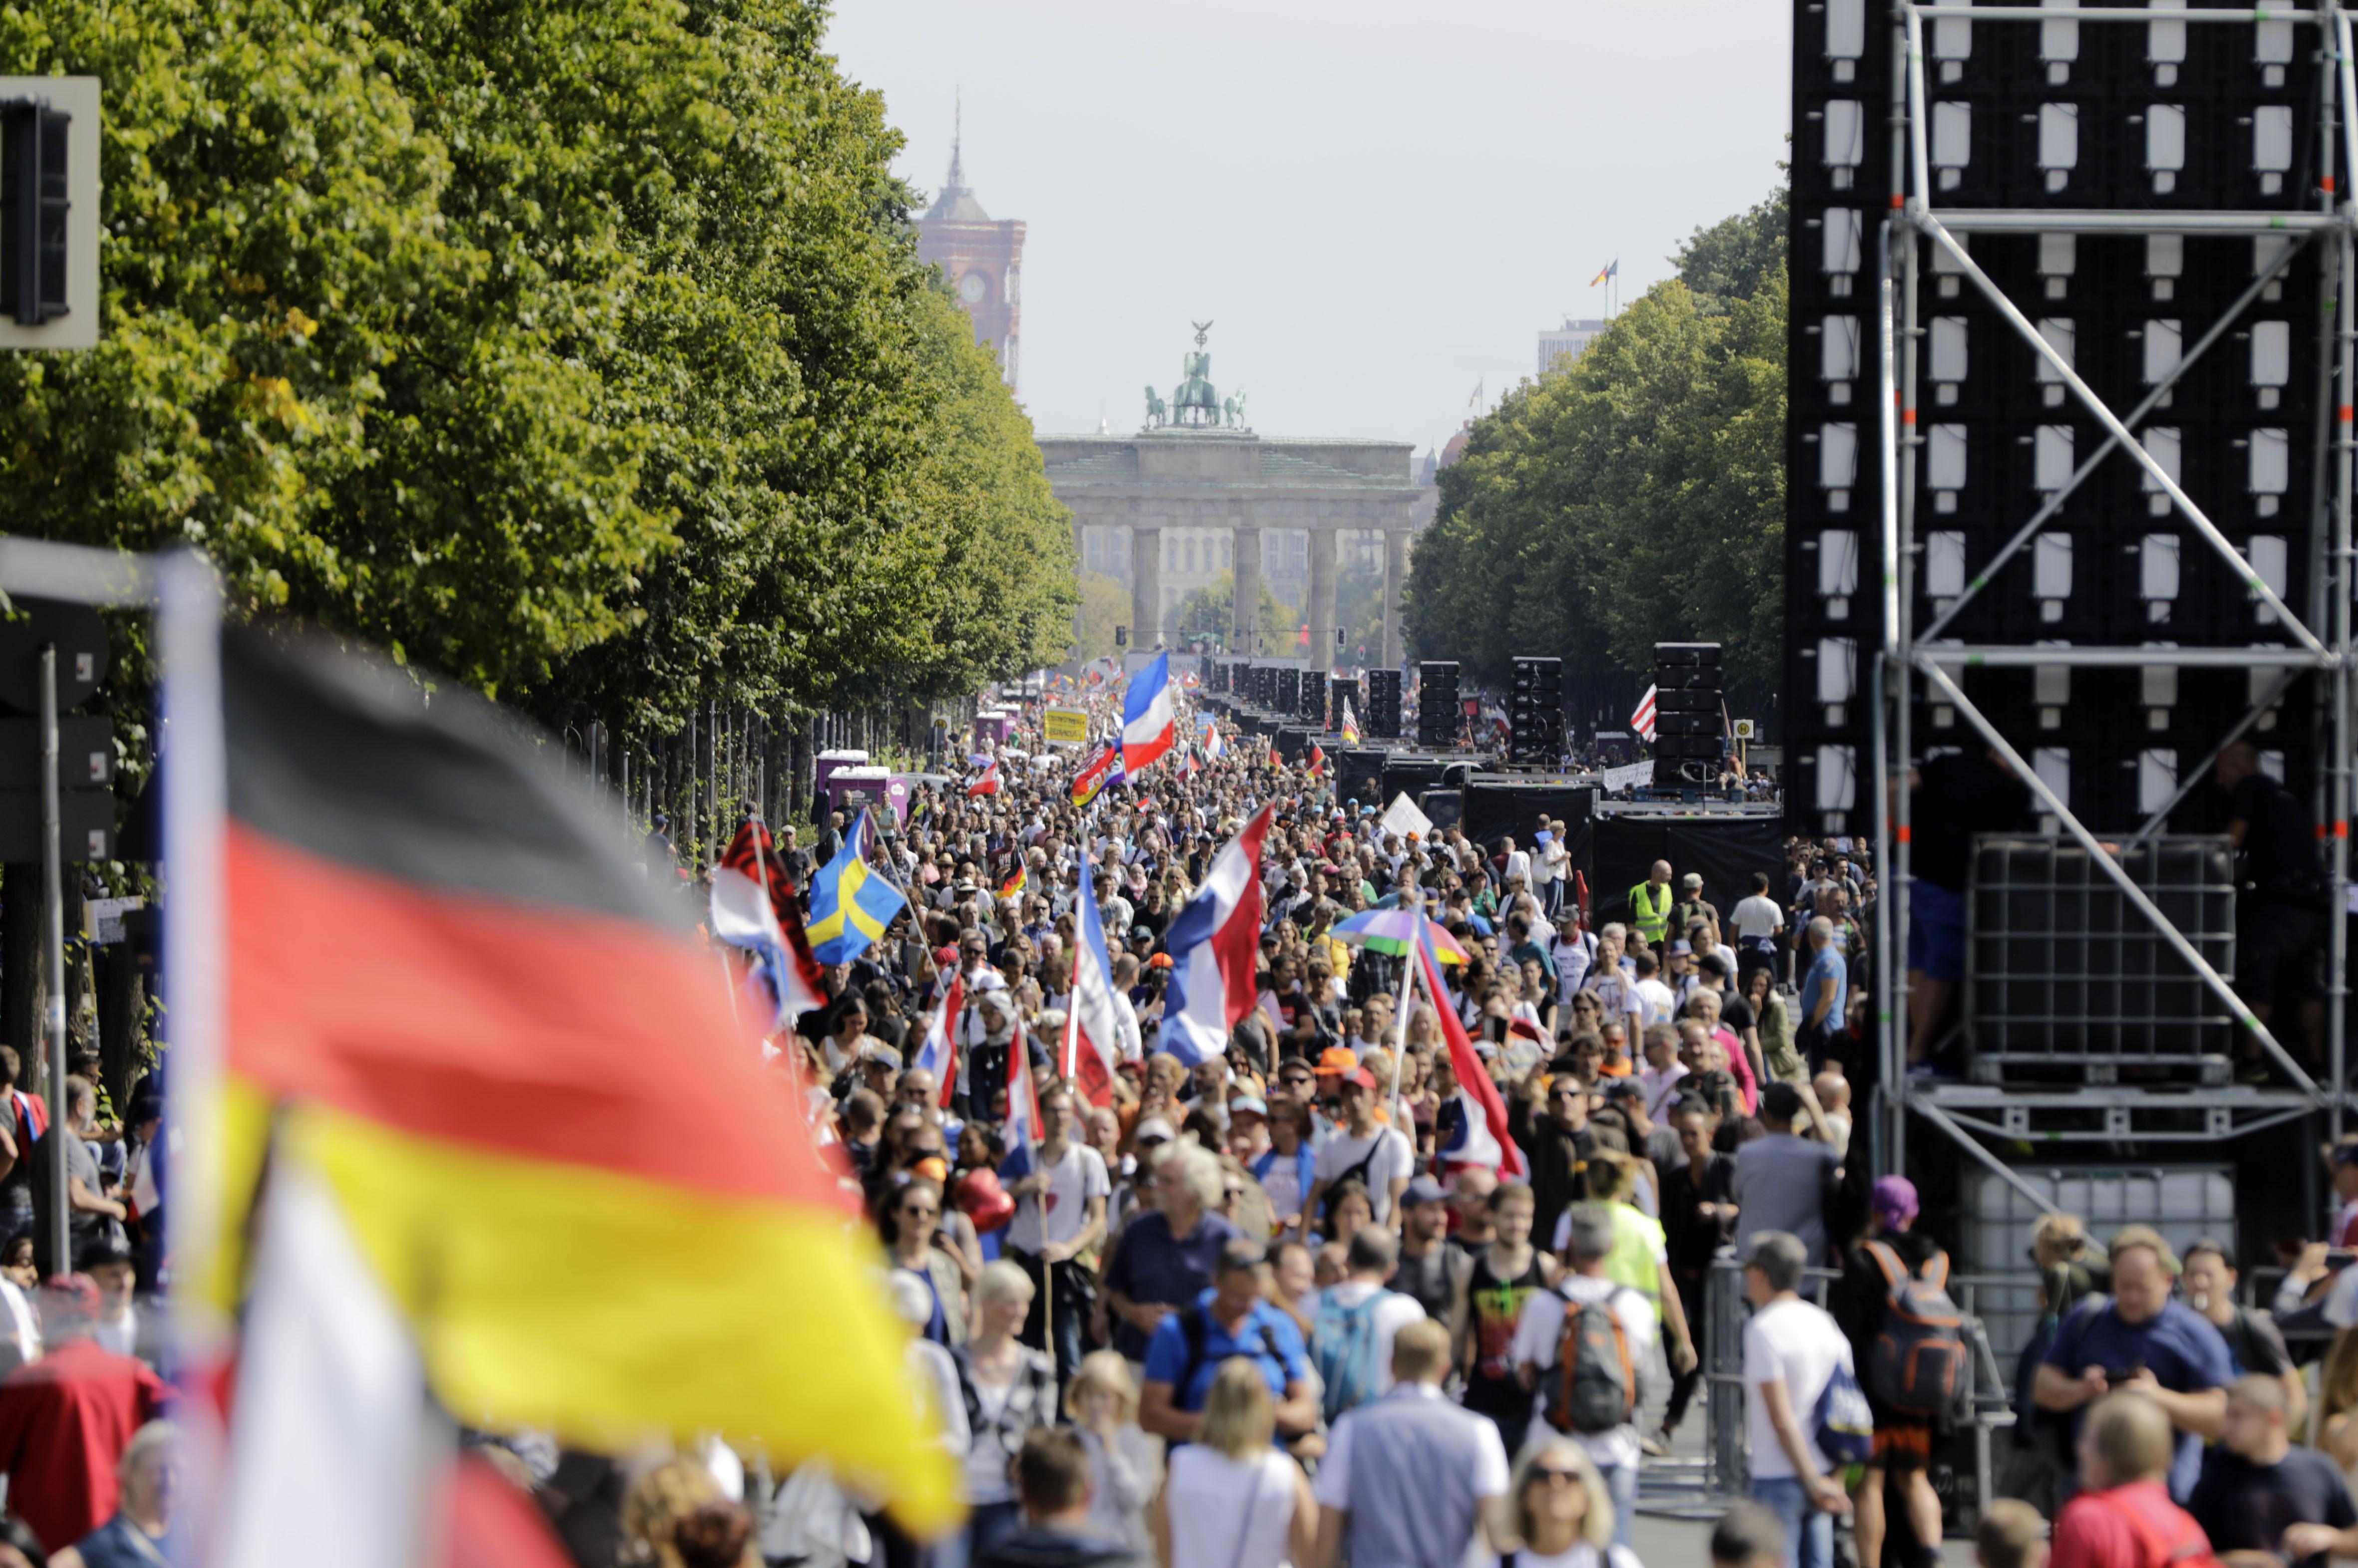 Als Redner bei Berliner Demo? Bayern prüft Auftritte von Polizisten